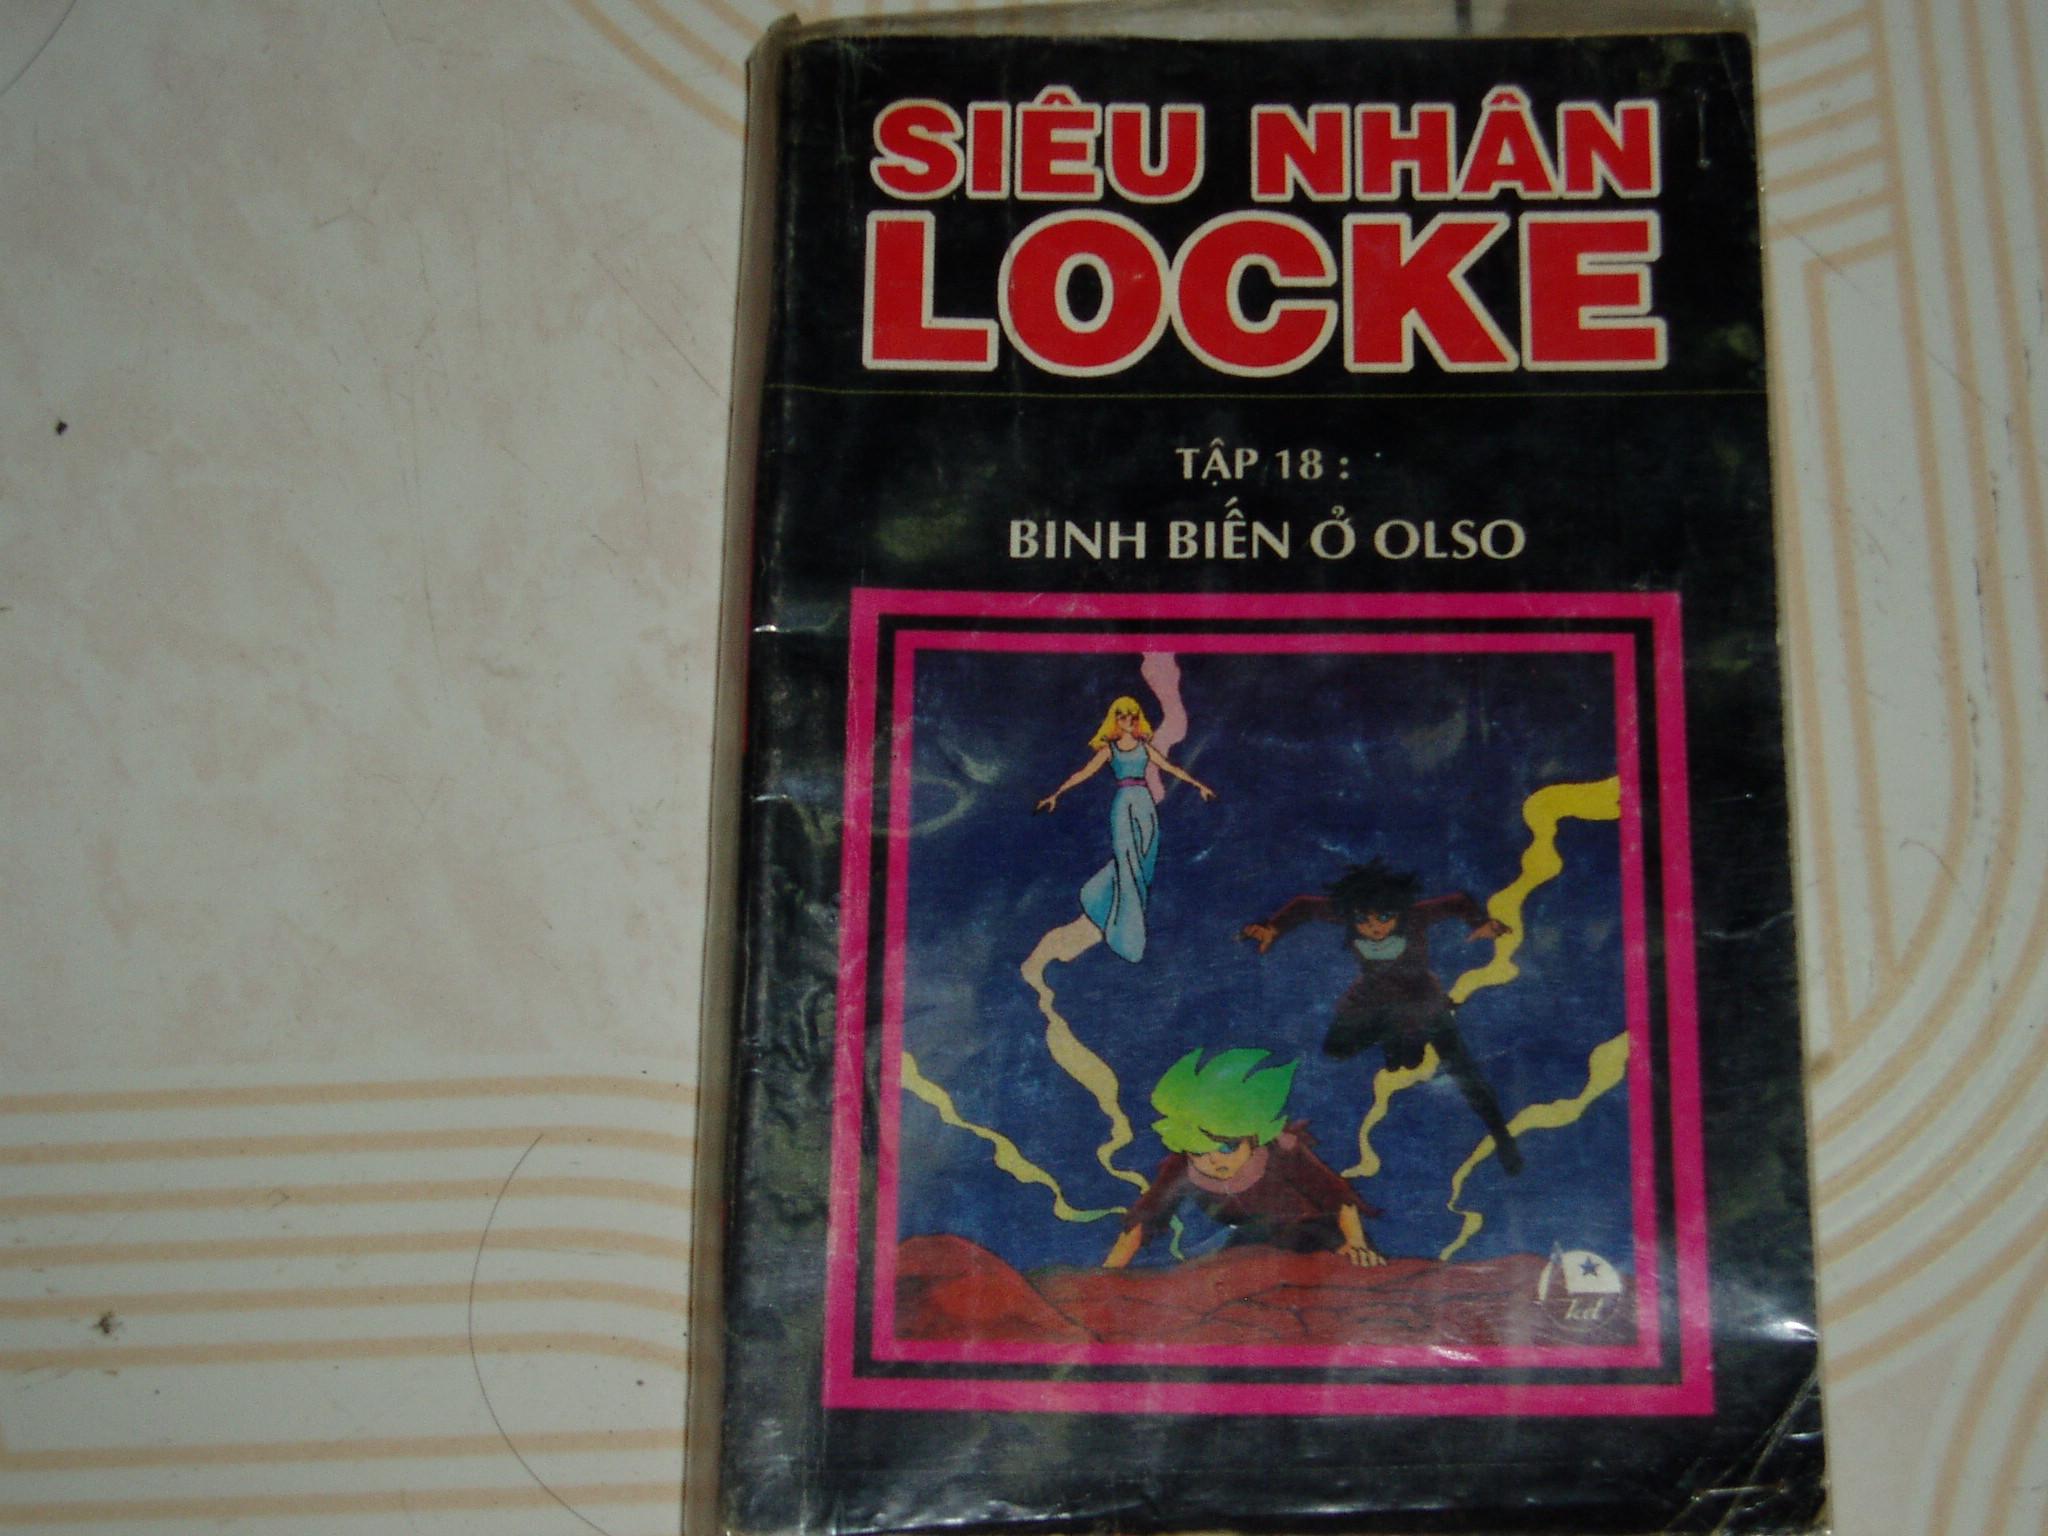 Siêu nhân Locke vol 18 trang 1